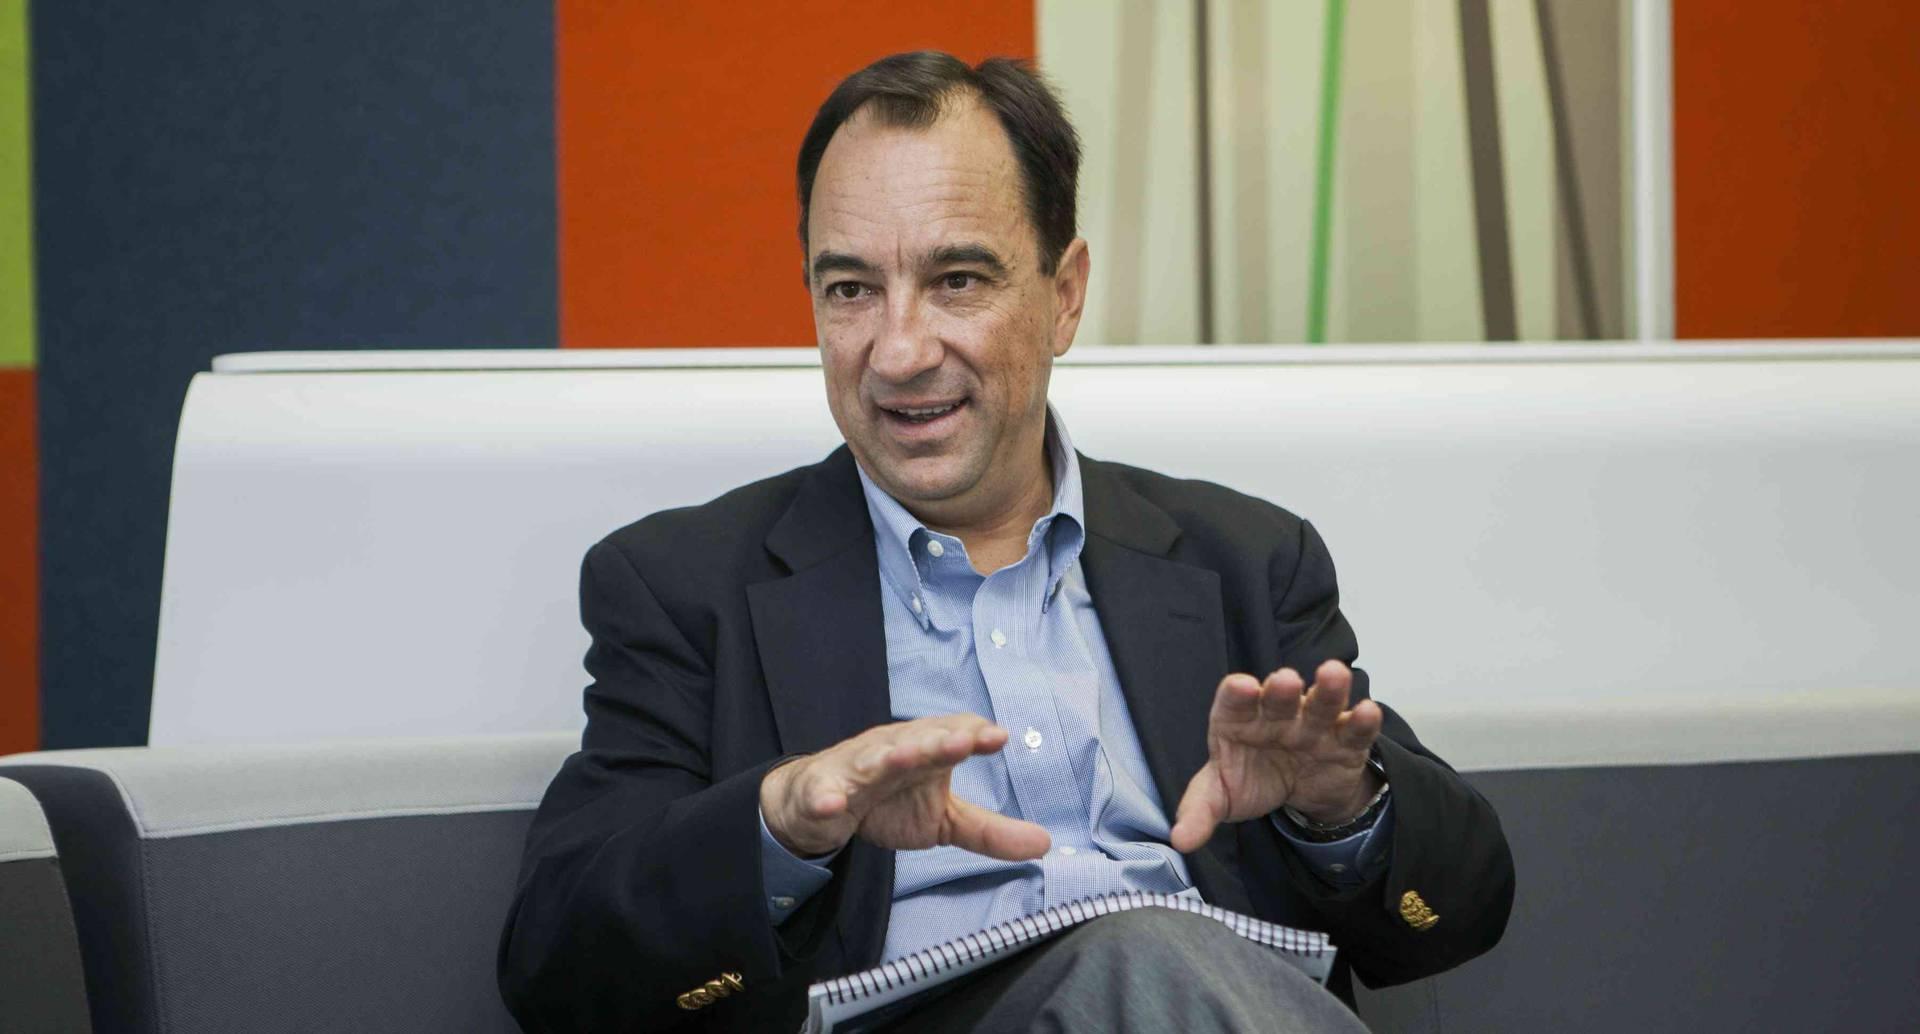 El secretario de Planeación, Andrés Ortíz, ha defendido que sí se tuvieron en cuenta los datos del Censo del DANE del 2018 para la formulación del proyecto del POT.